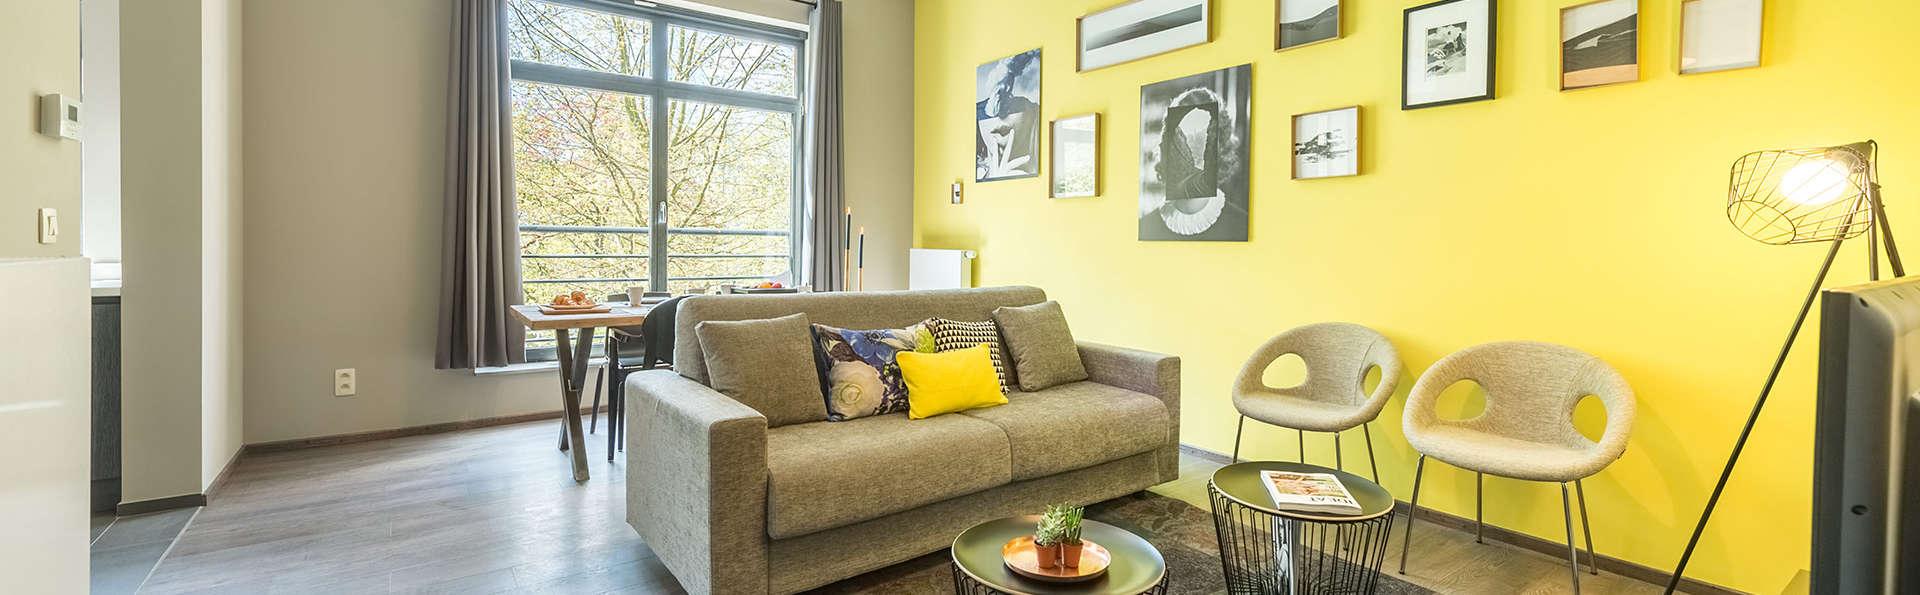 Bel appartement au cœur de Bruxelles